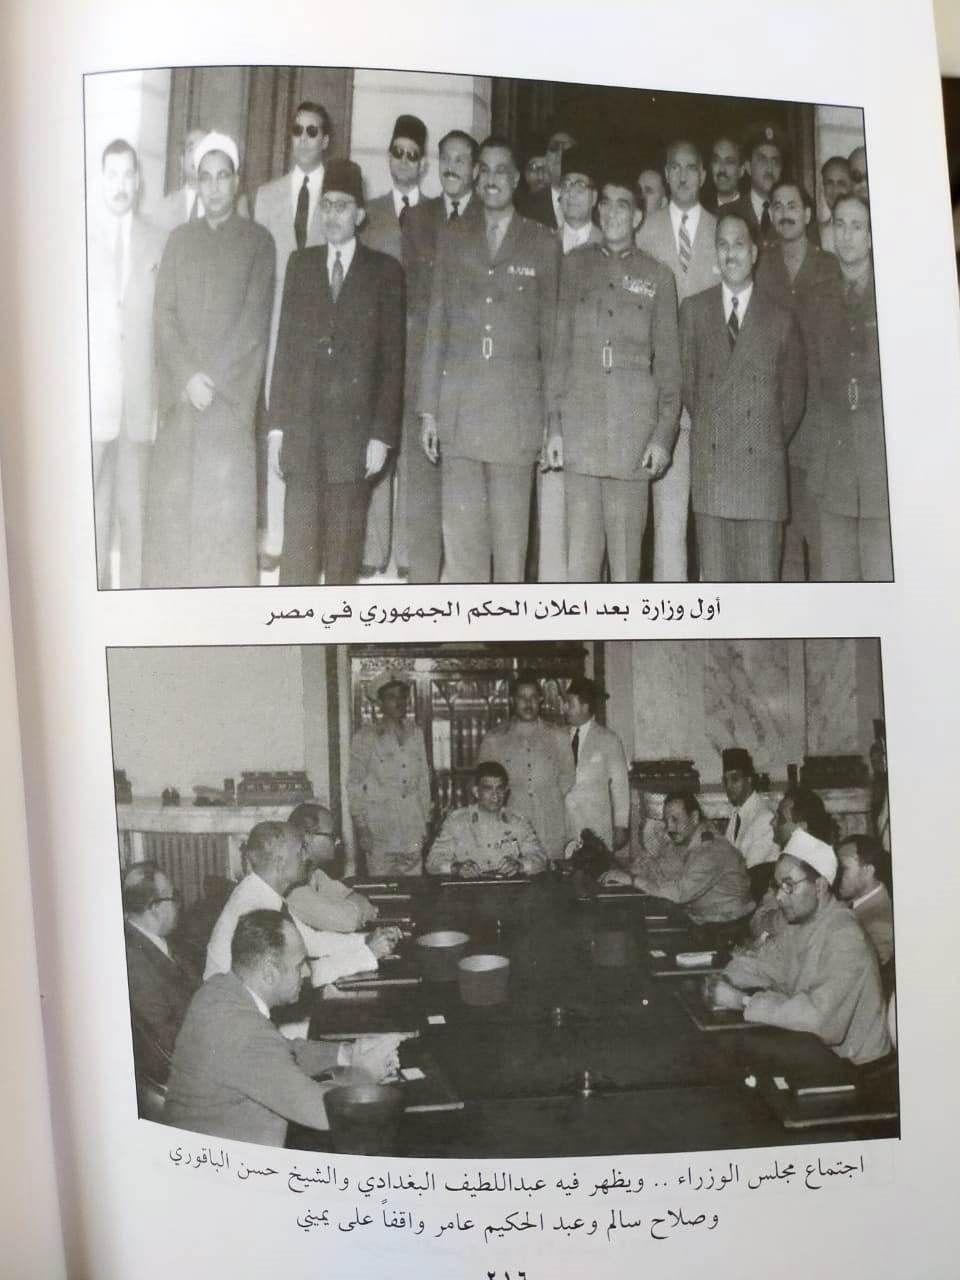 أول وزارة بعد إعلان الحكم الجمهوري